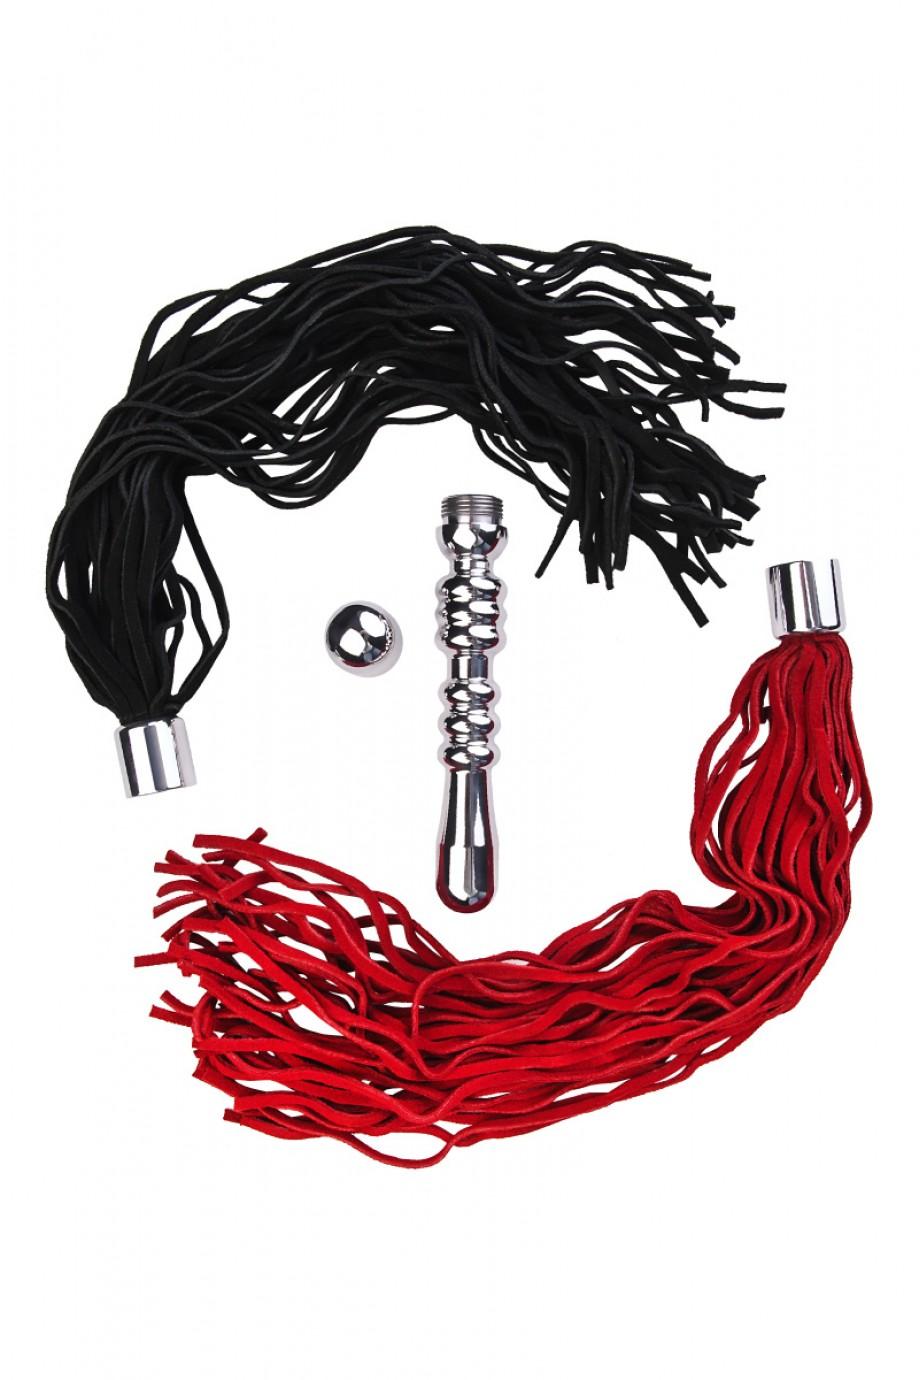 Анальная пробка TOYFA Metal, рельефная, серебристая, с двумя сменными плетками (черная+красная)